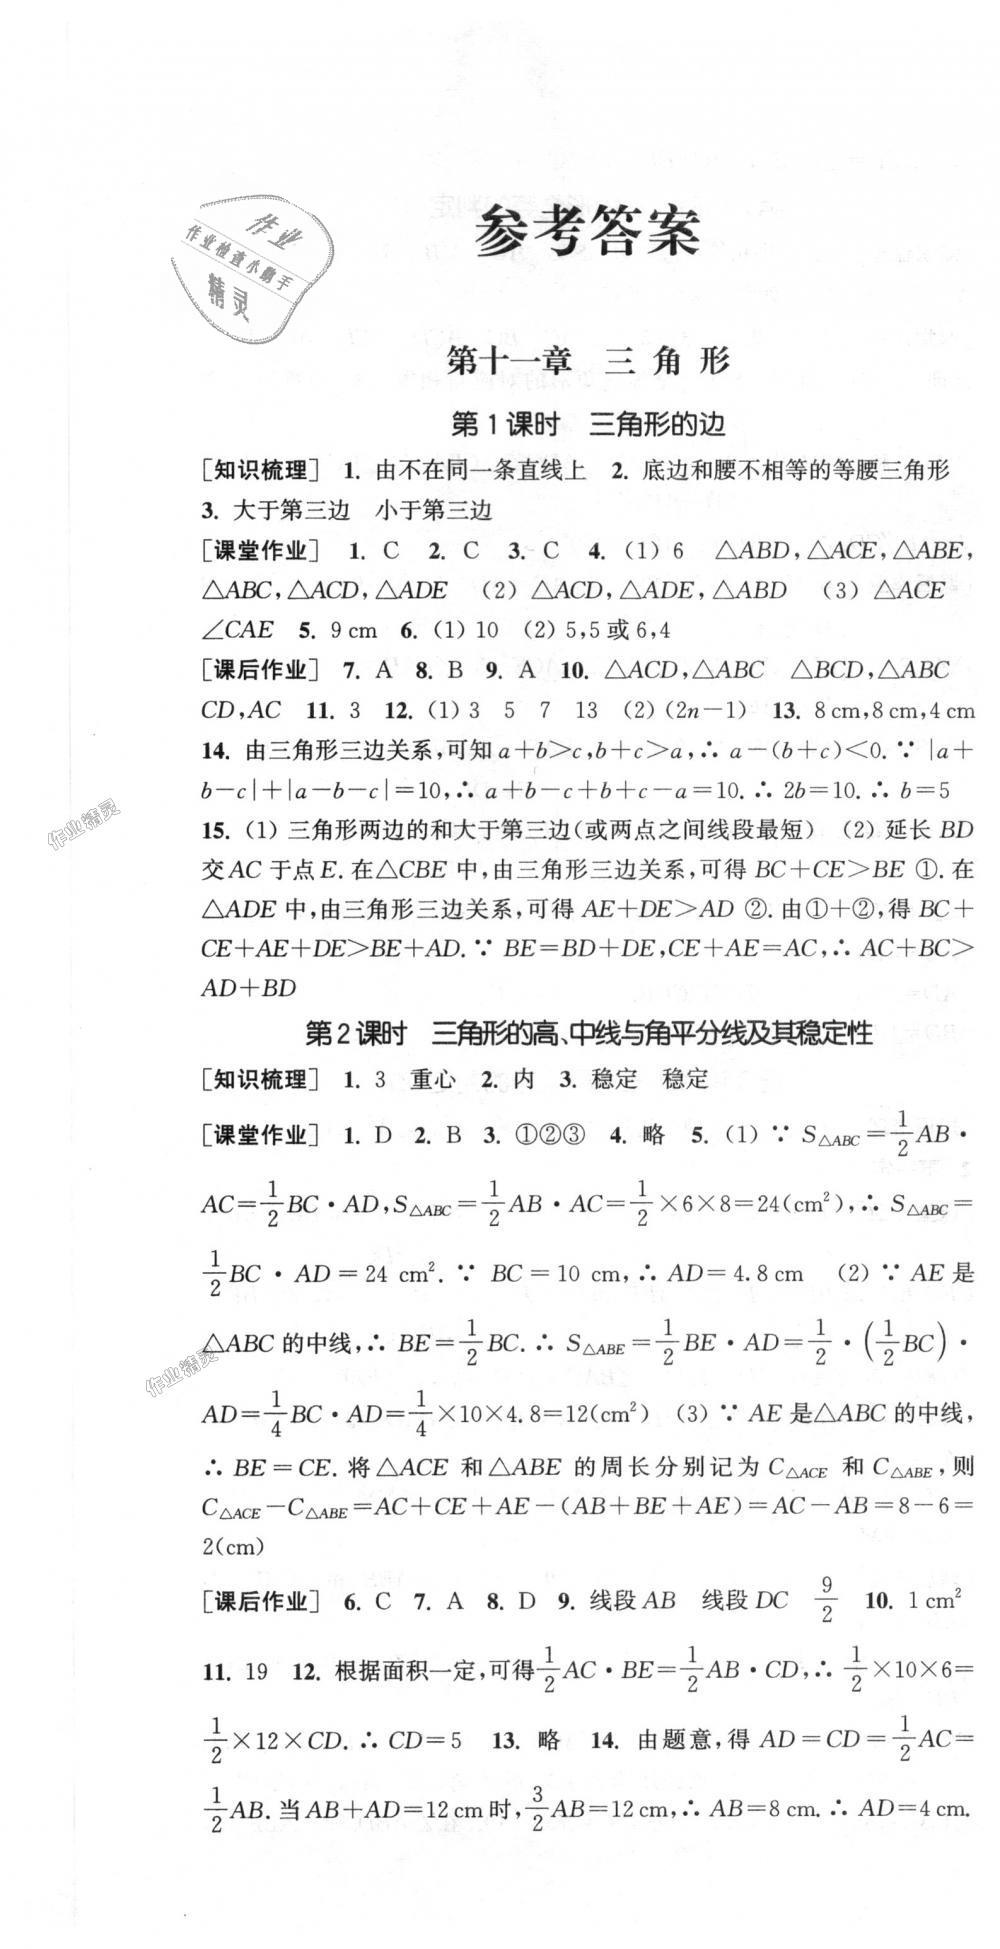 2018年通城学典课时作业本八年级数学上册人教版第1页